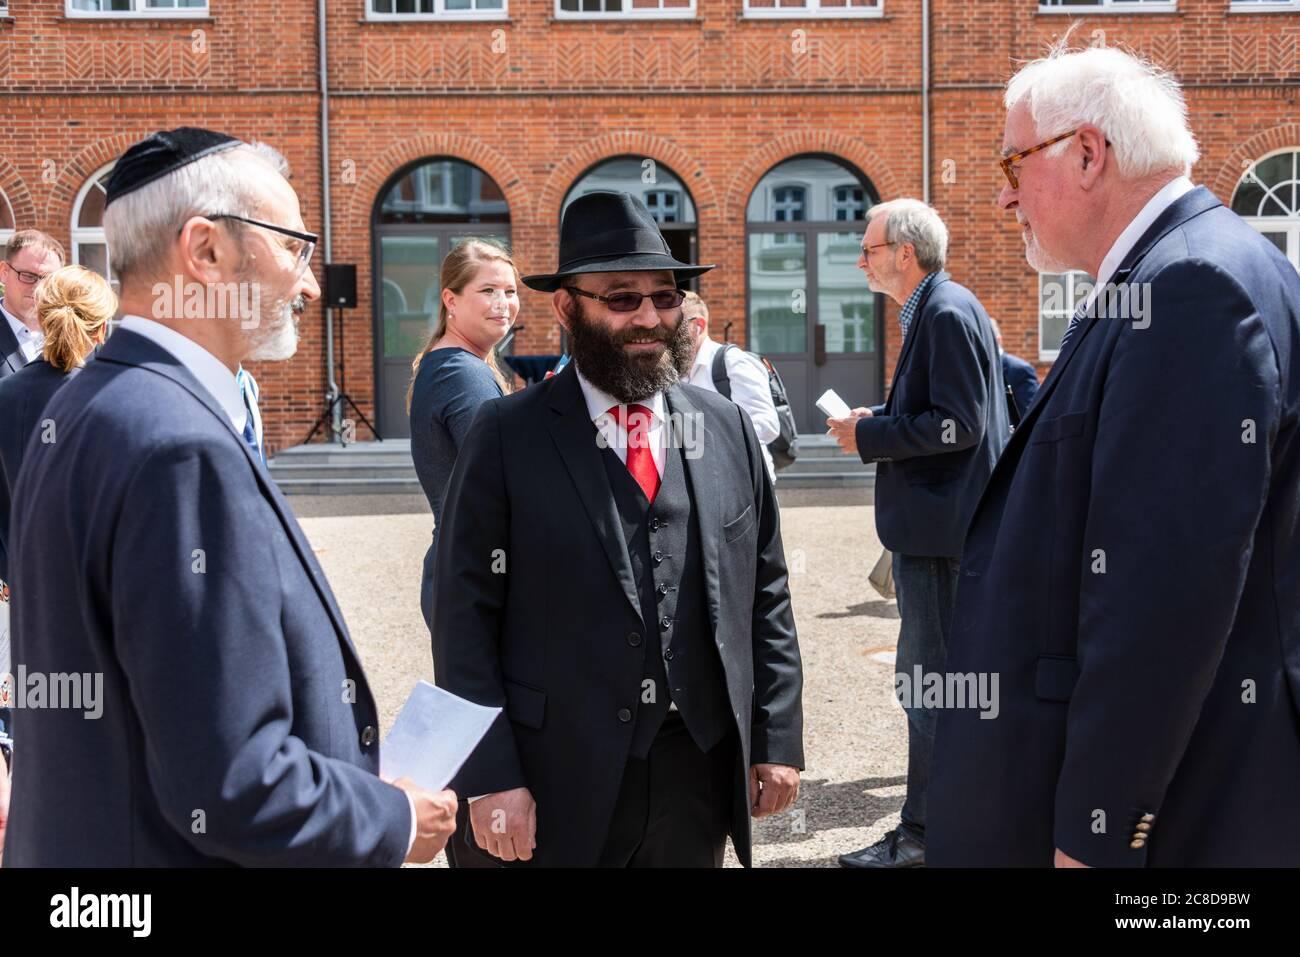 LÜBECK. Gemeinsam mit dem Beauftragten für jüdisches Leben in Schleswig-Holstein, Peter Harry Carstensen, besuchte Kulturministerin Karin Prien heute Stock Photo